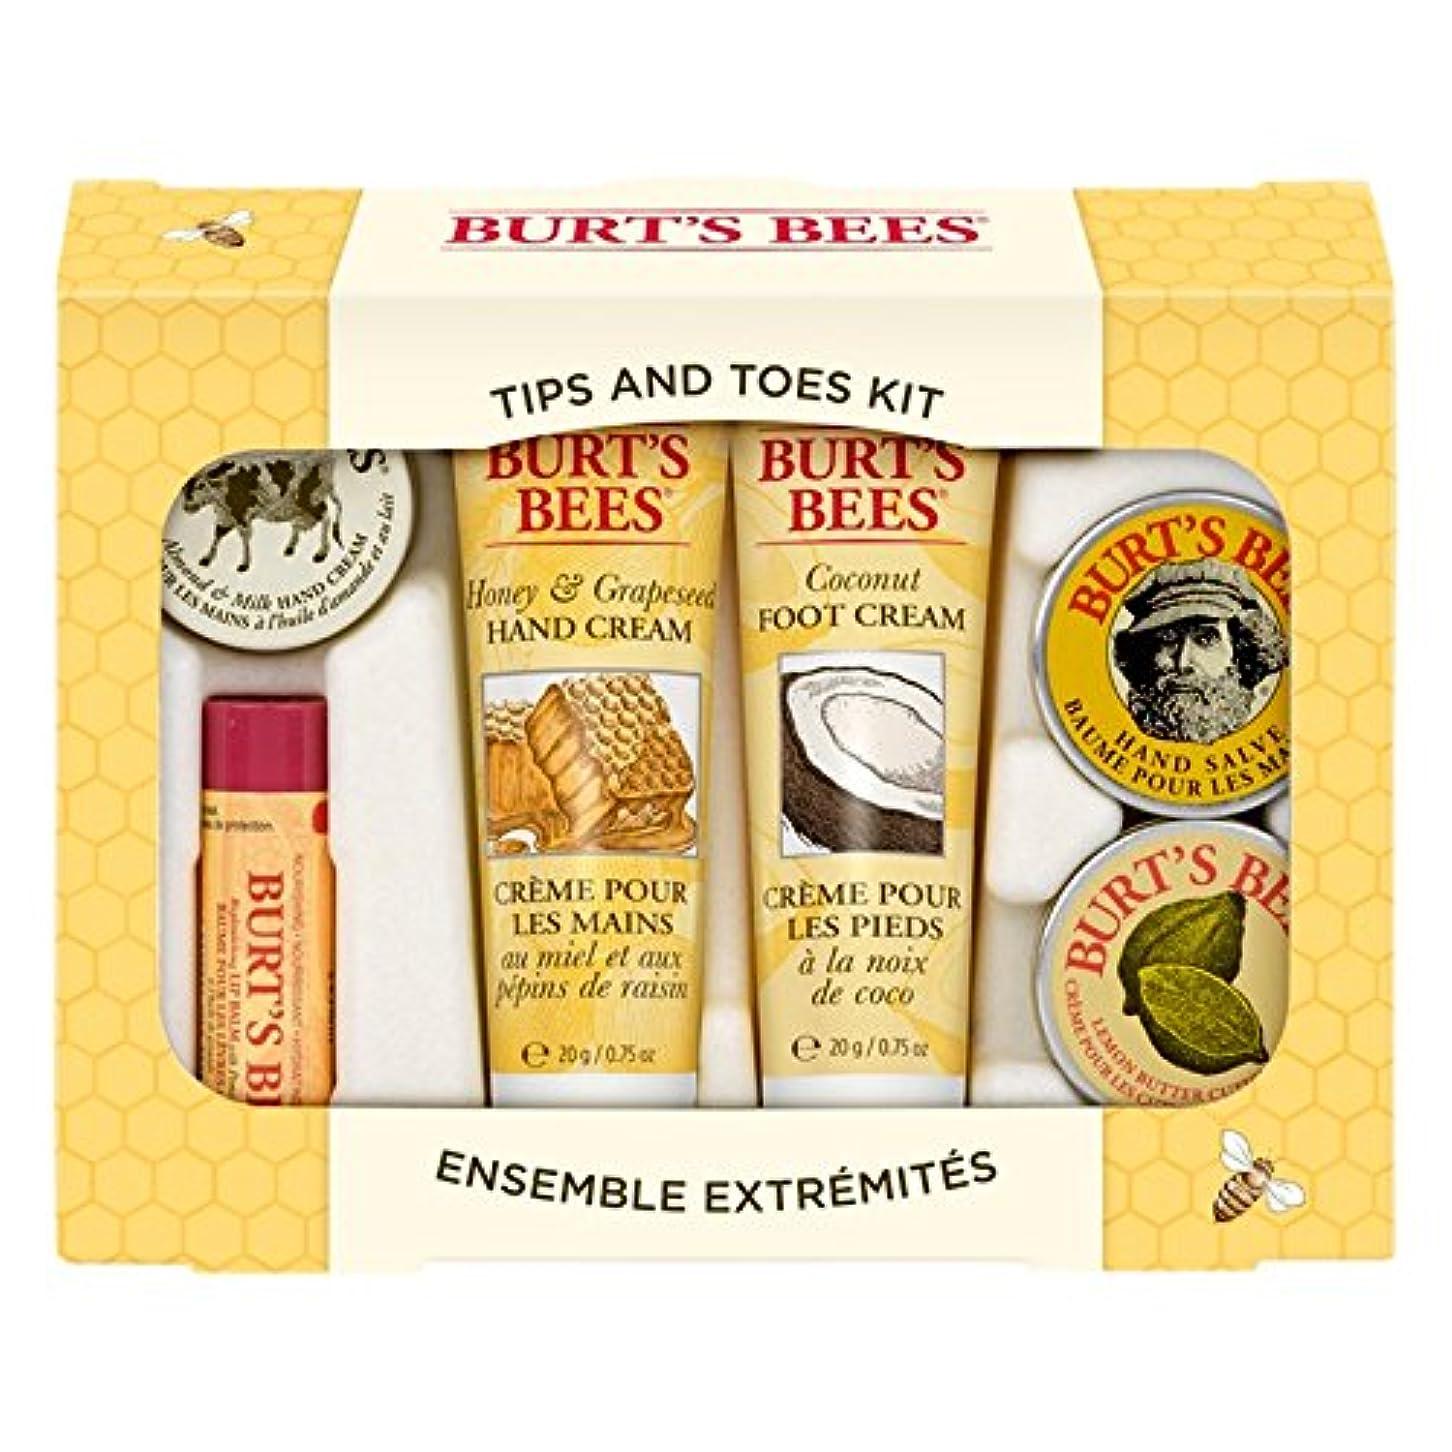 バイナリ希少性密バーツビーのヒントとつま先はスターターキットをスキンケア (Burt's Bees) - Burt's Bees Tips And Toes Skincare Starter Kit [並行輸入品]